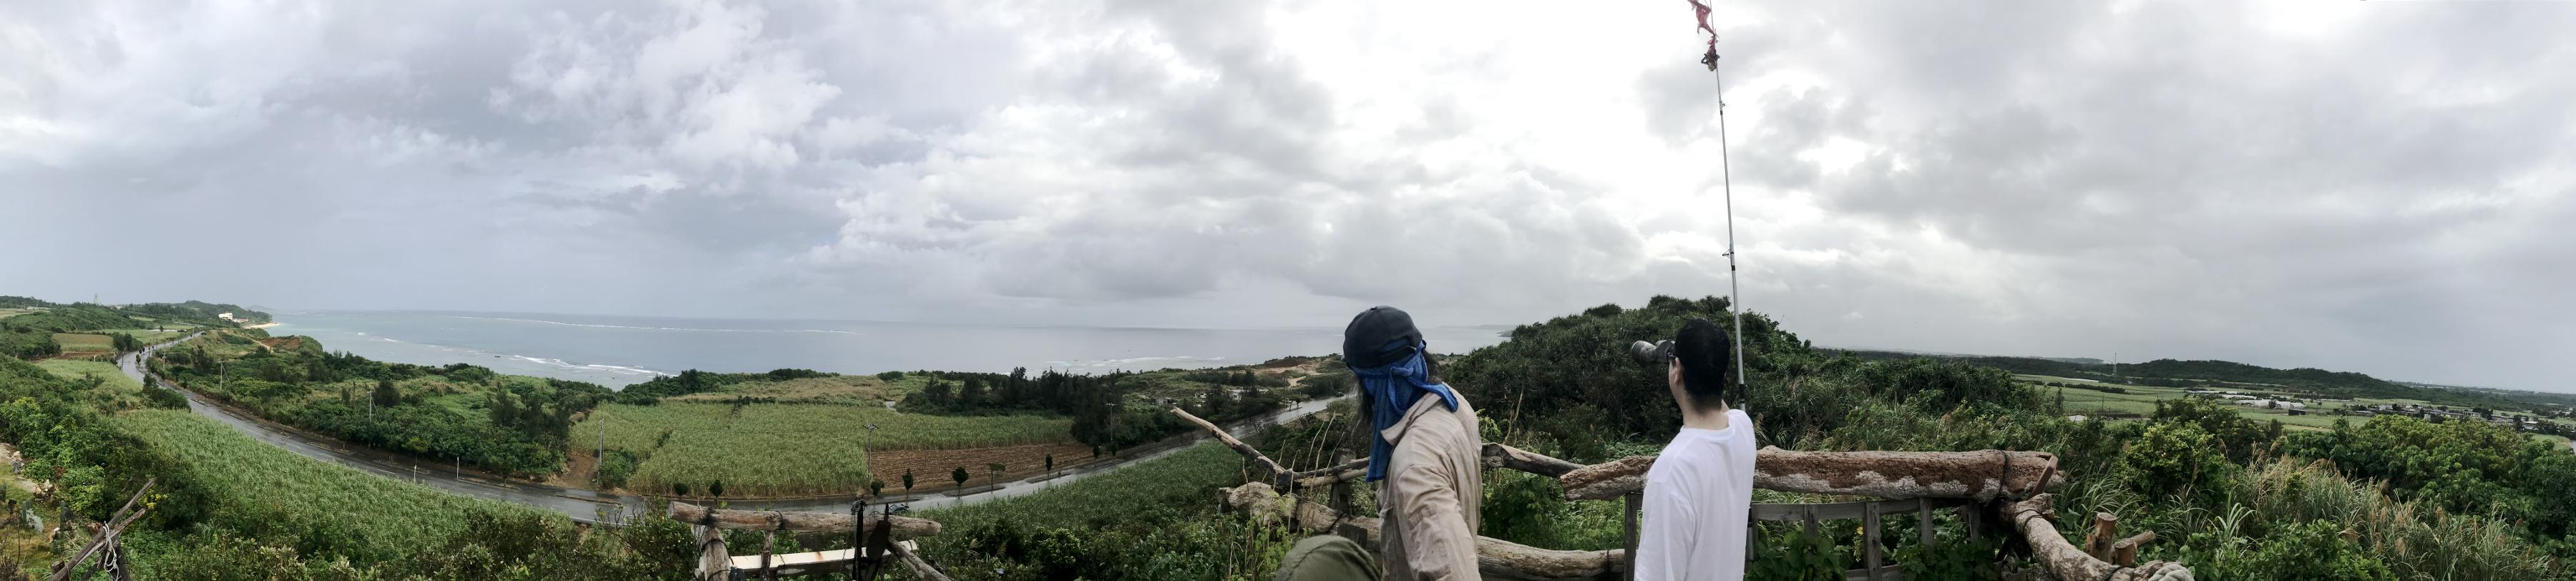 宮古島の天海山石庭のパノラマ写真